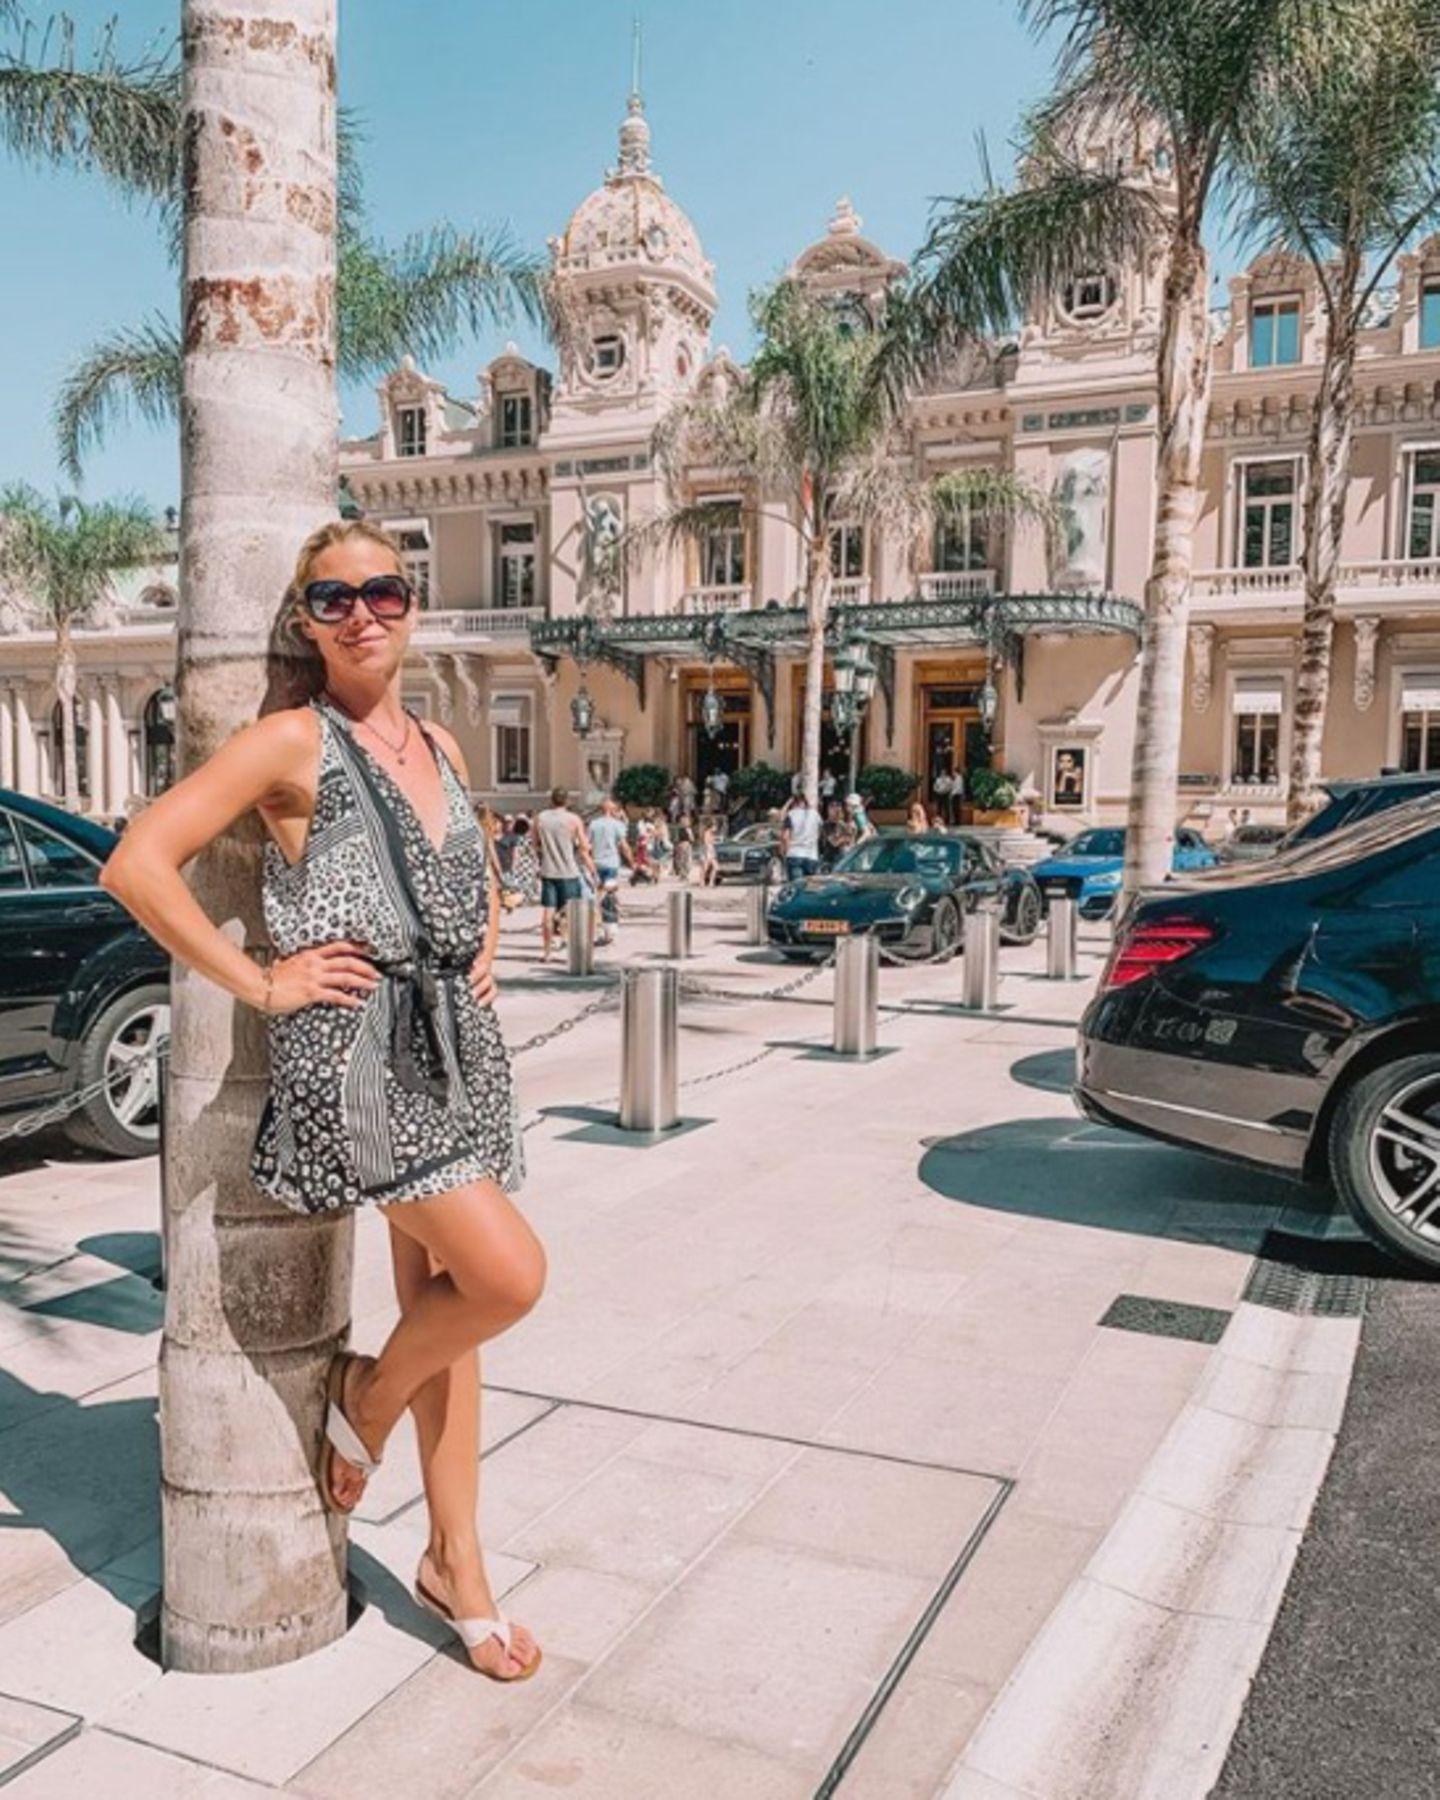 """8. August 2020  Tanja Szewczenko teiltein Urlaubsfoto aus Monte Carlo. Insbesondere nachihrem Besuch in einemidyllischen Bergdorfscheint sie der Stadtrummel jedoch nicht zu begeistern, wie sie in ihrem Instagram-Post verrät. Ehrlicherweise gesteht derehemalige Eiskunstlauf-Star: """"Überhaupt nicht meins, aber ich kann es auf der Liste als gesehen abhaken."""""""